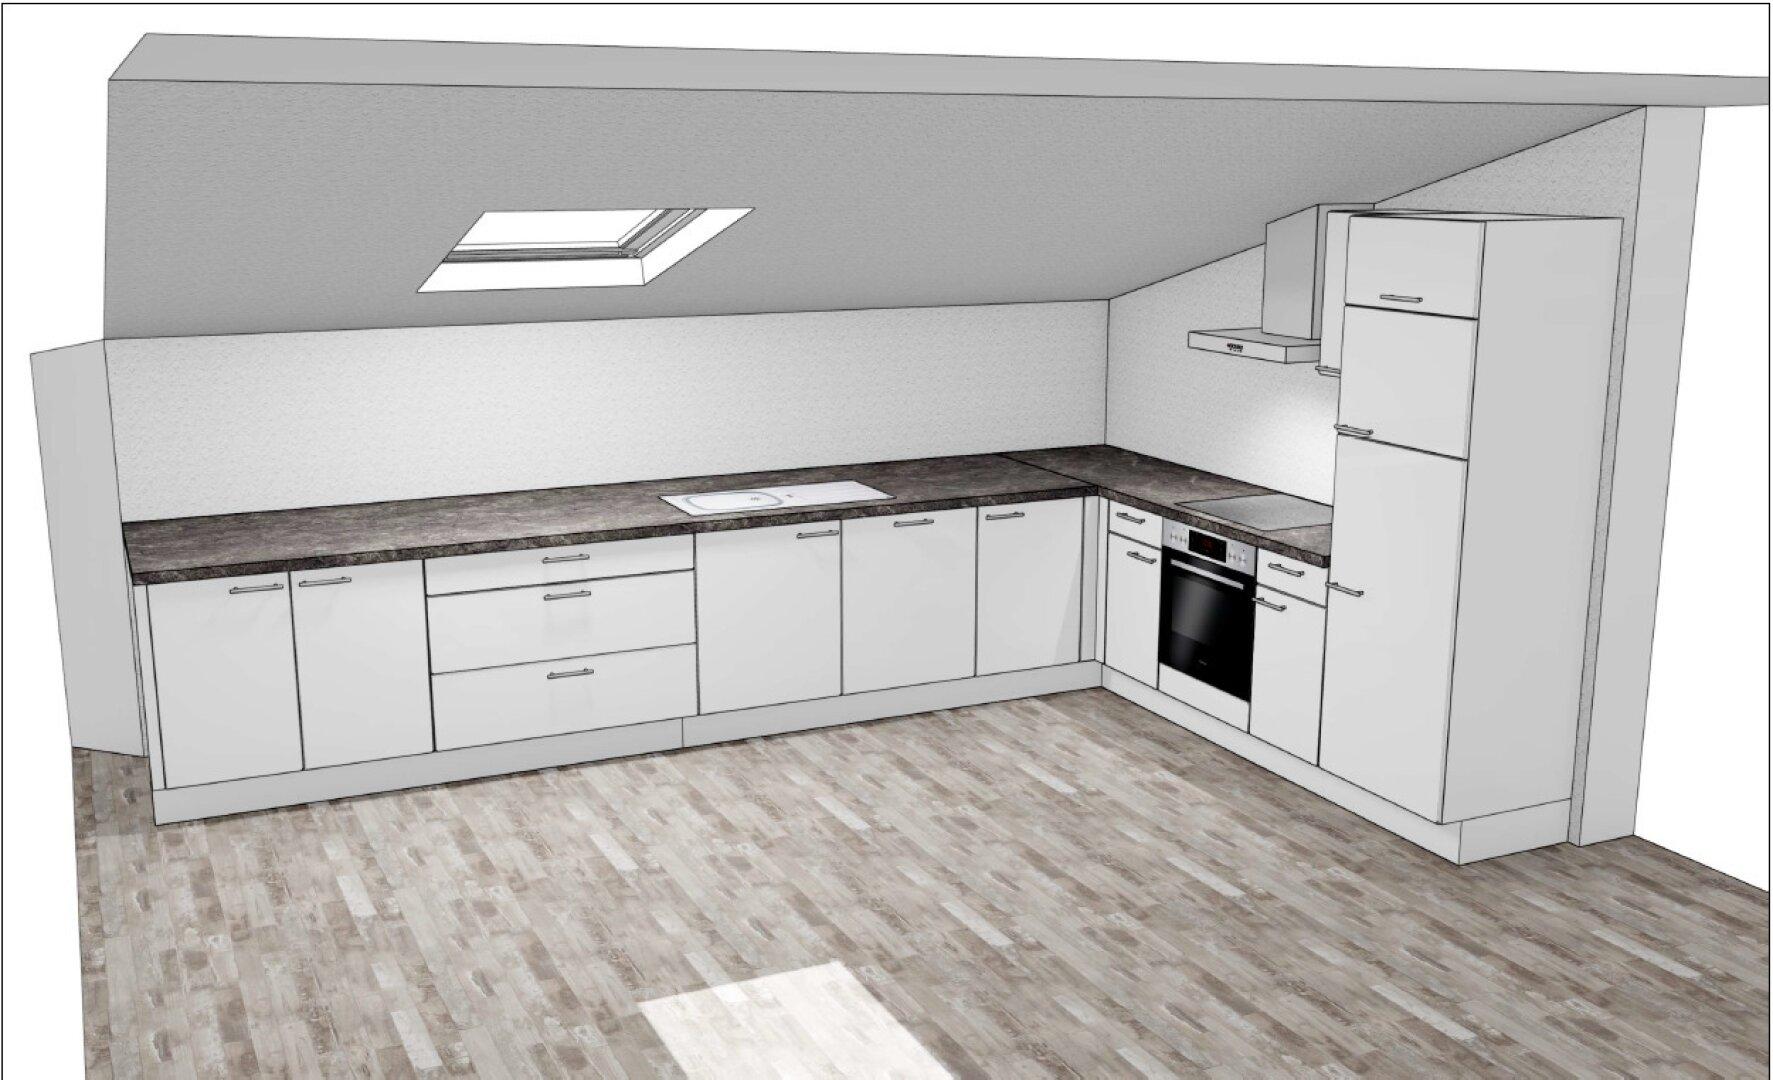 Küche wird neu eingebaut, in Bearbeitung